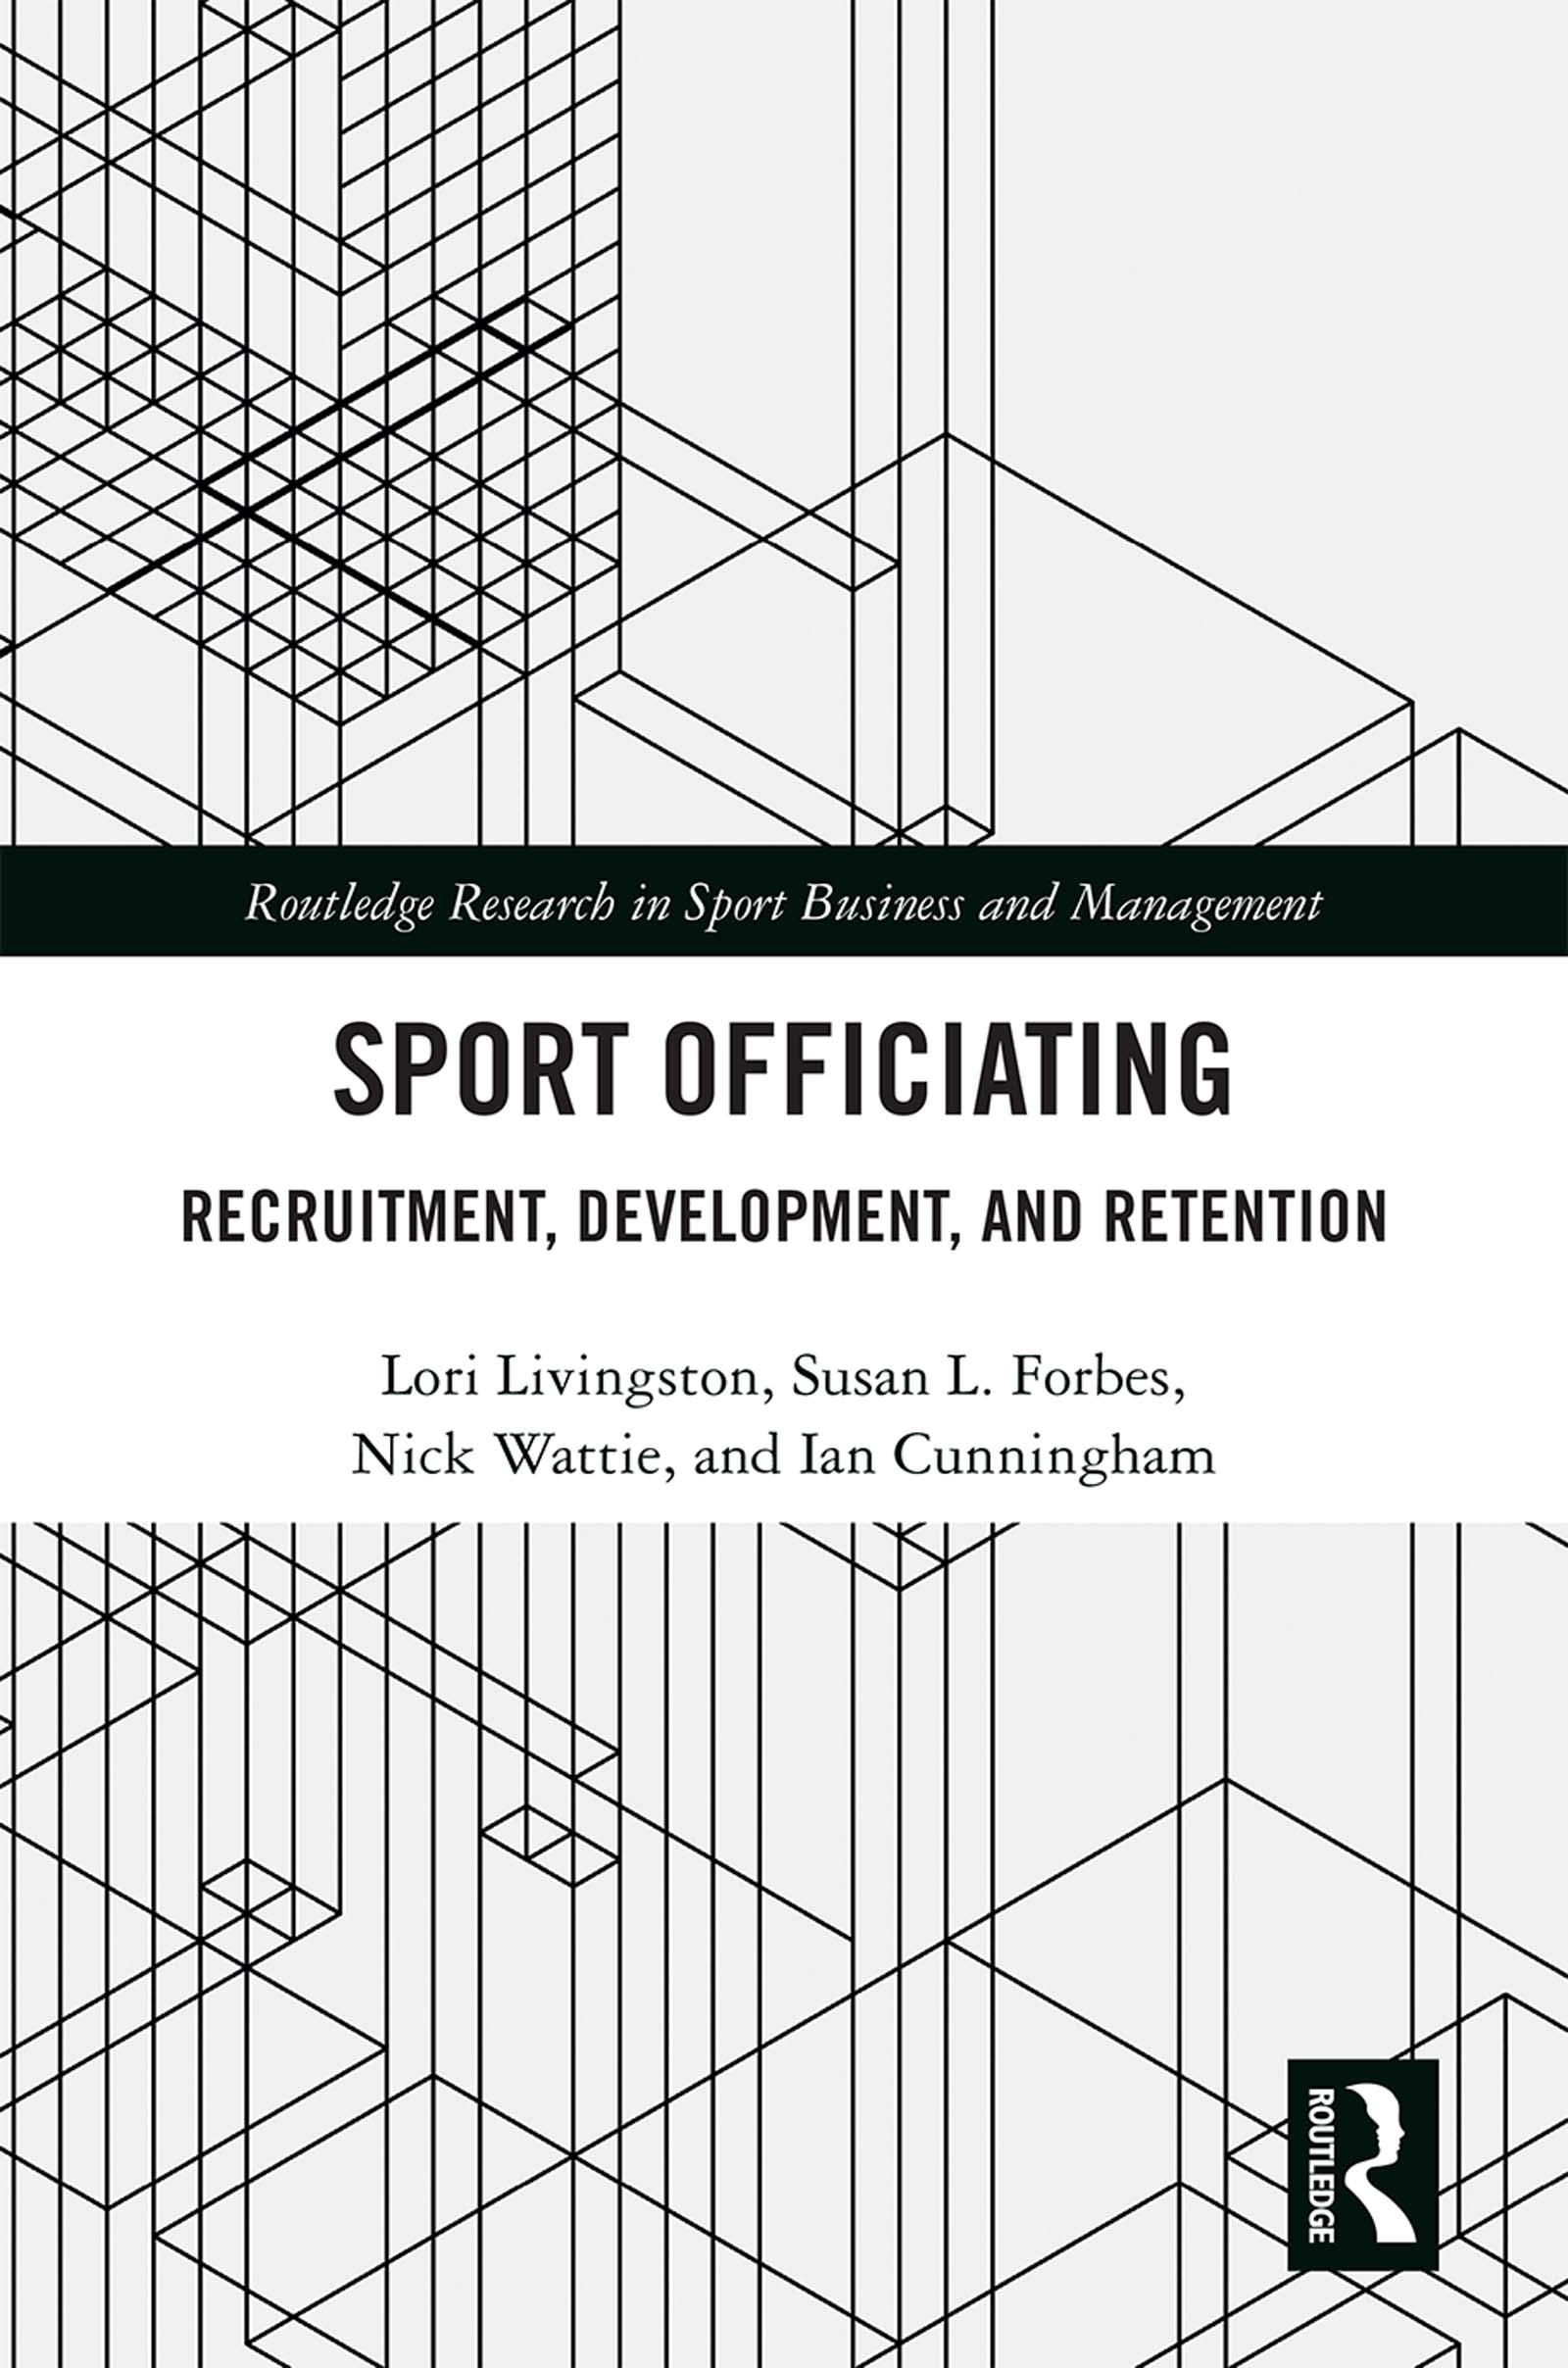 Valuing Sport Officials